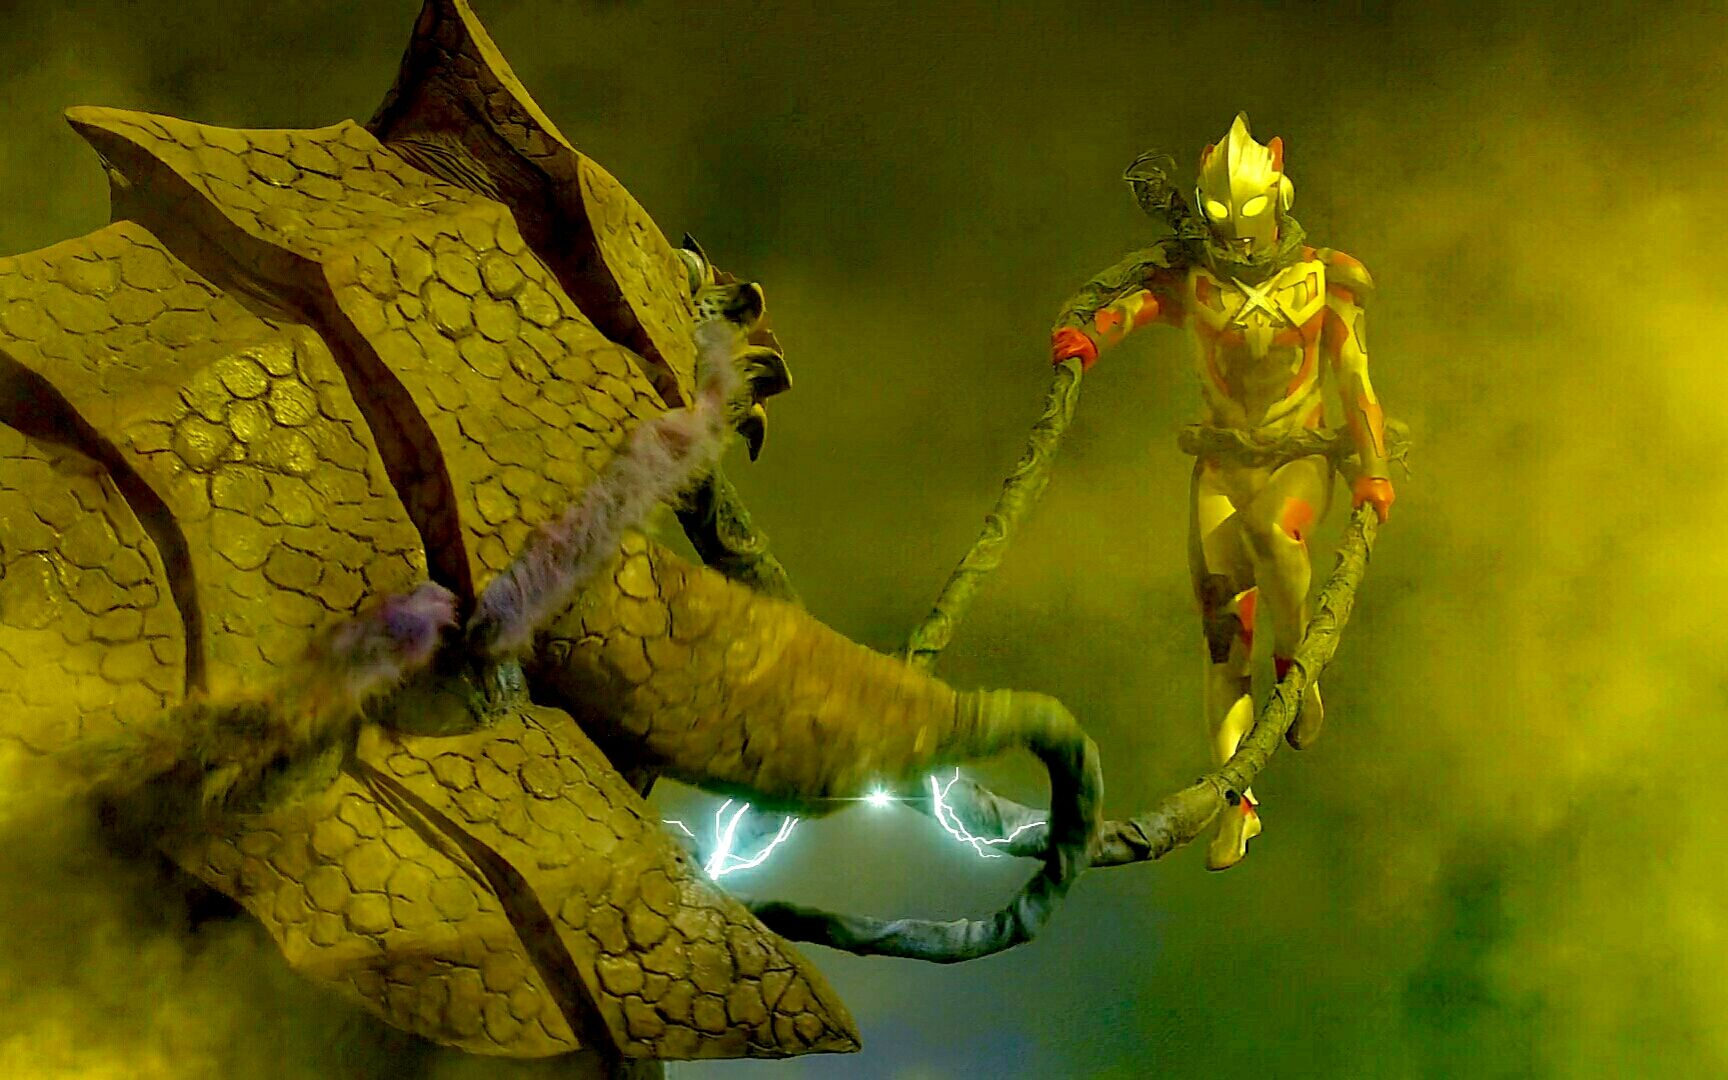 《静止的怪兽》这一定是致敬奈克瑟斯和高斯!艾克斯奥特曼vs不动怪兽 法奥琳加